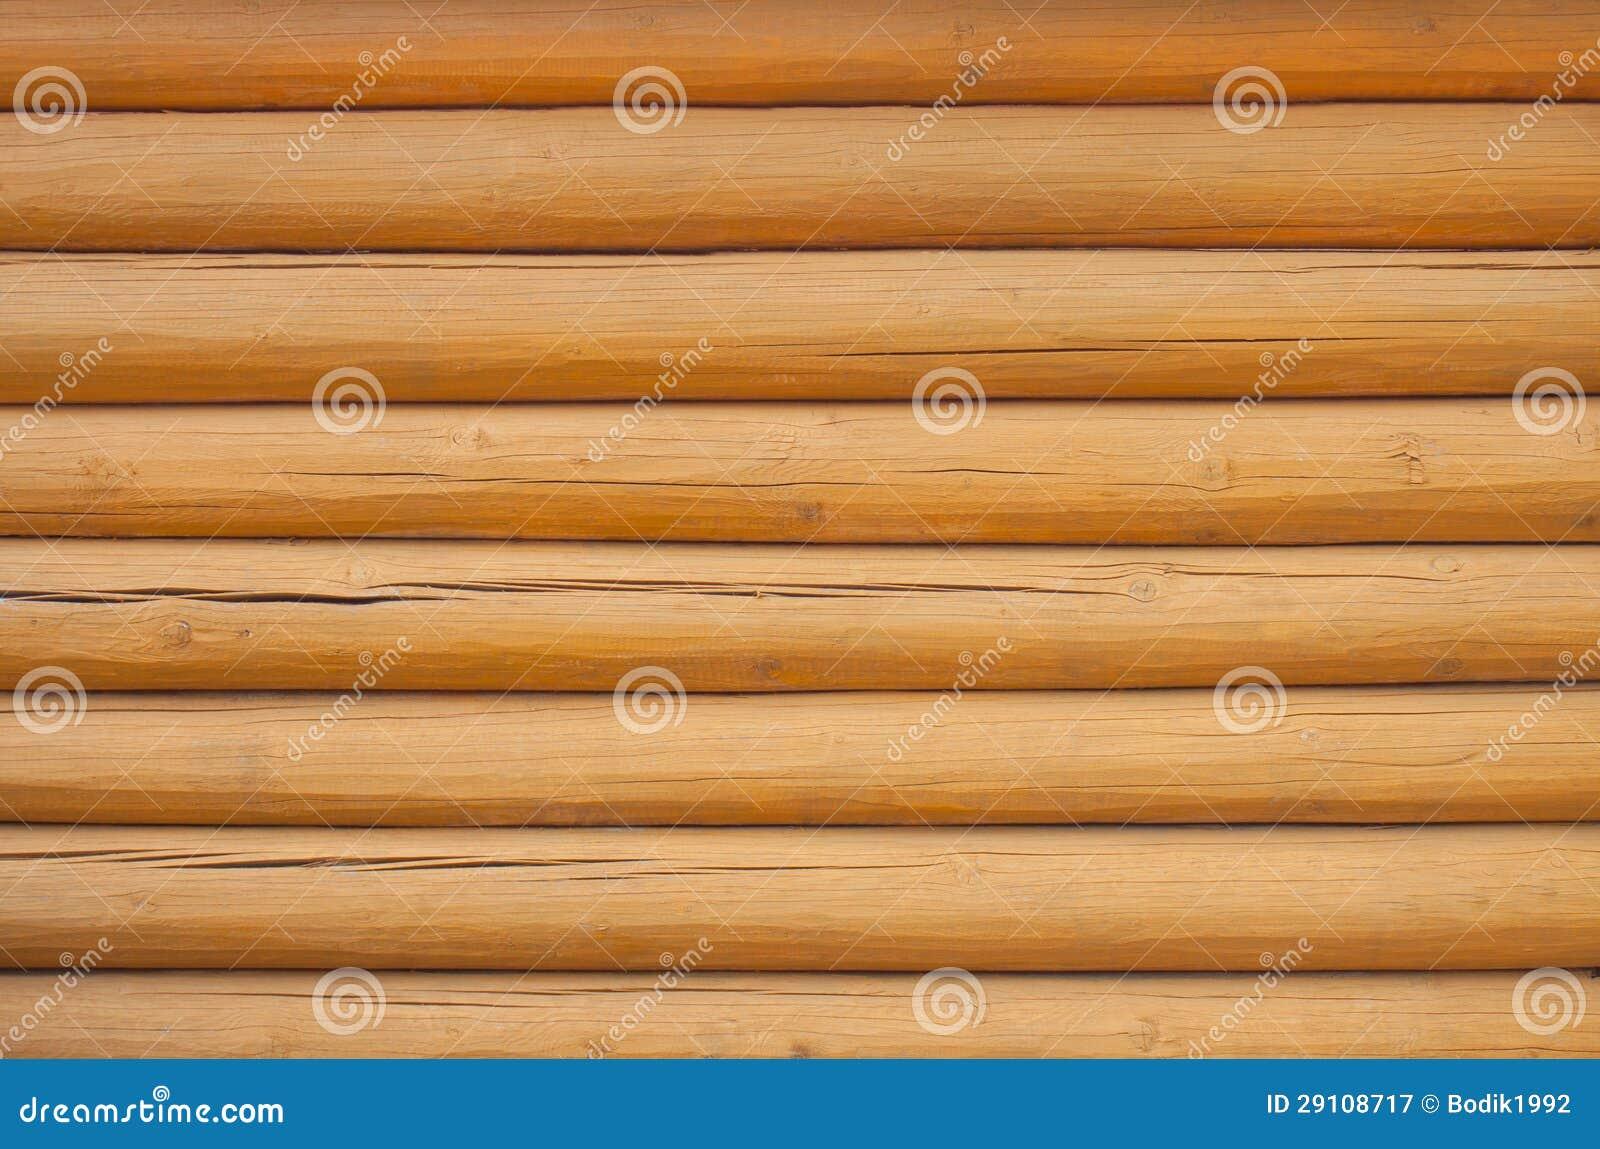 Pine log wall